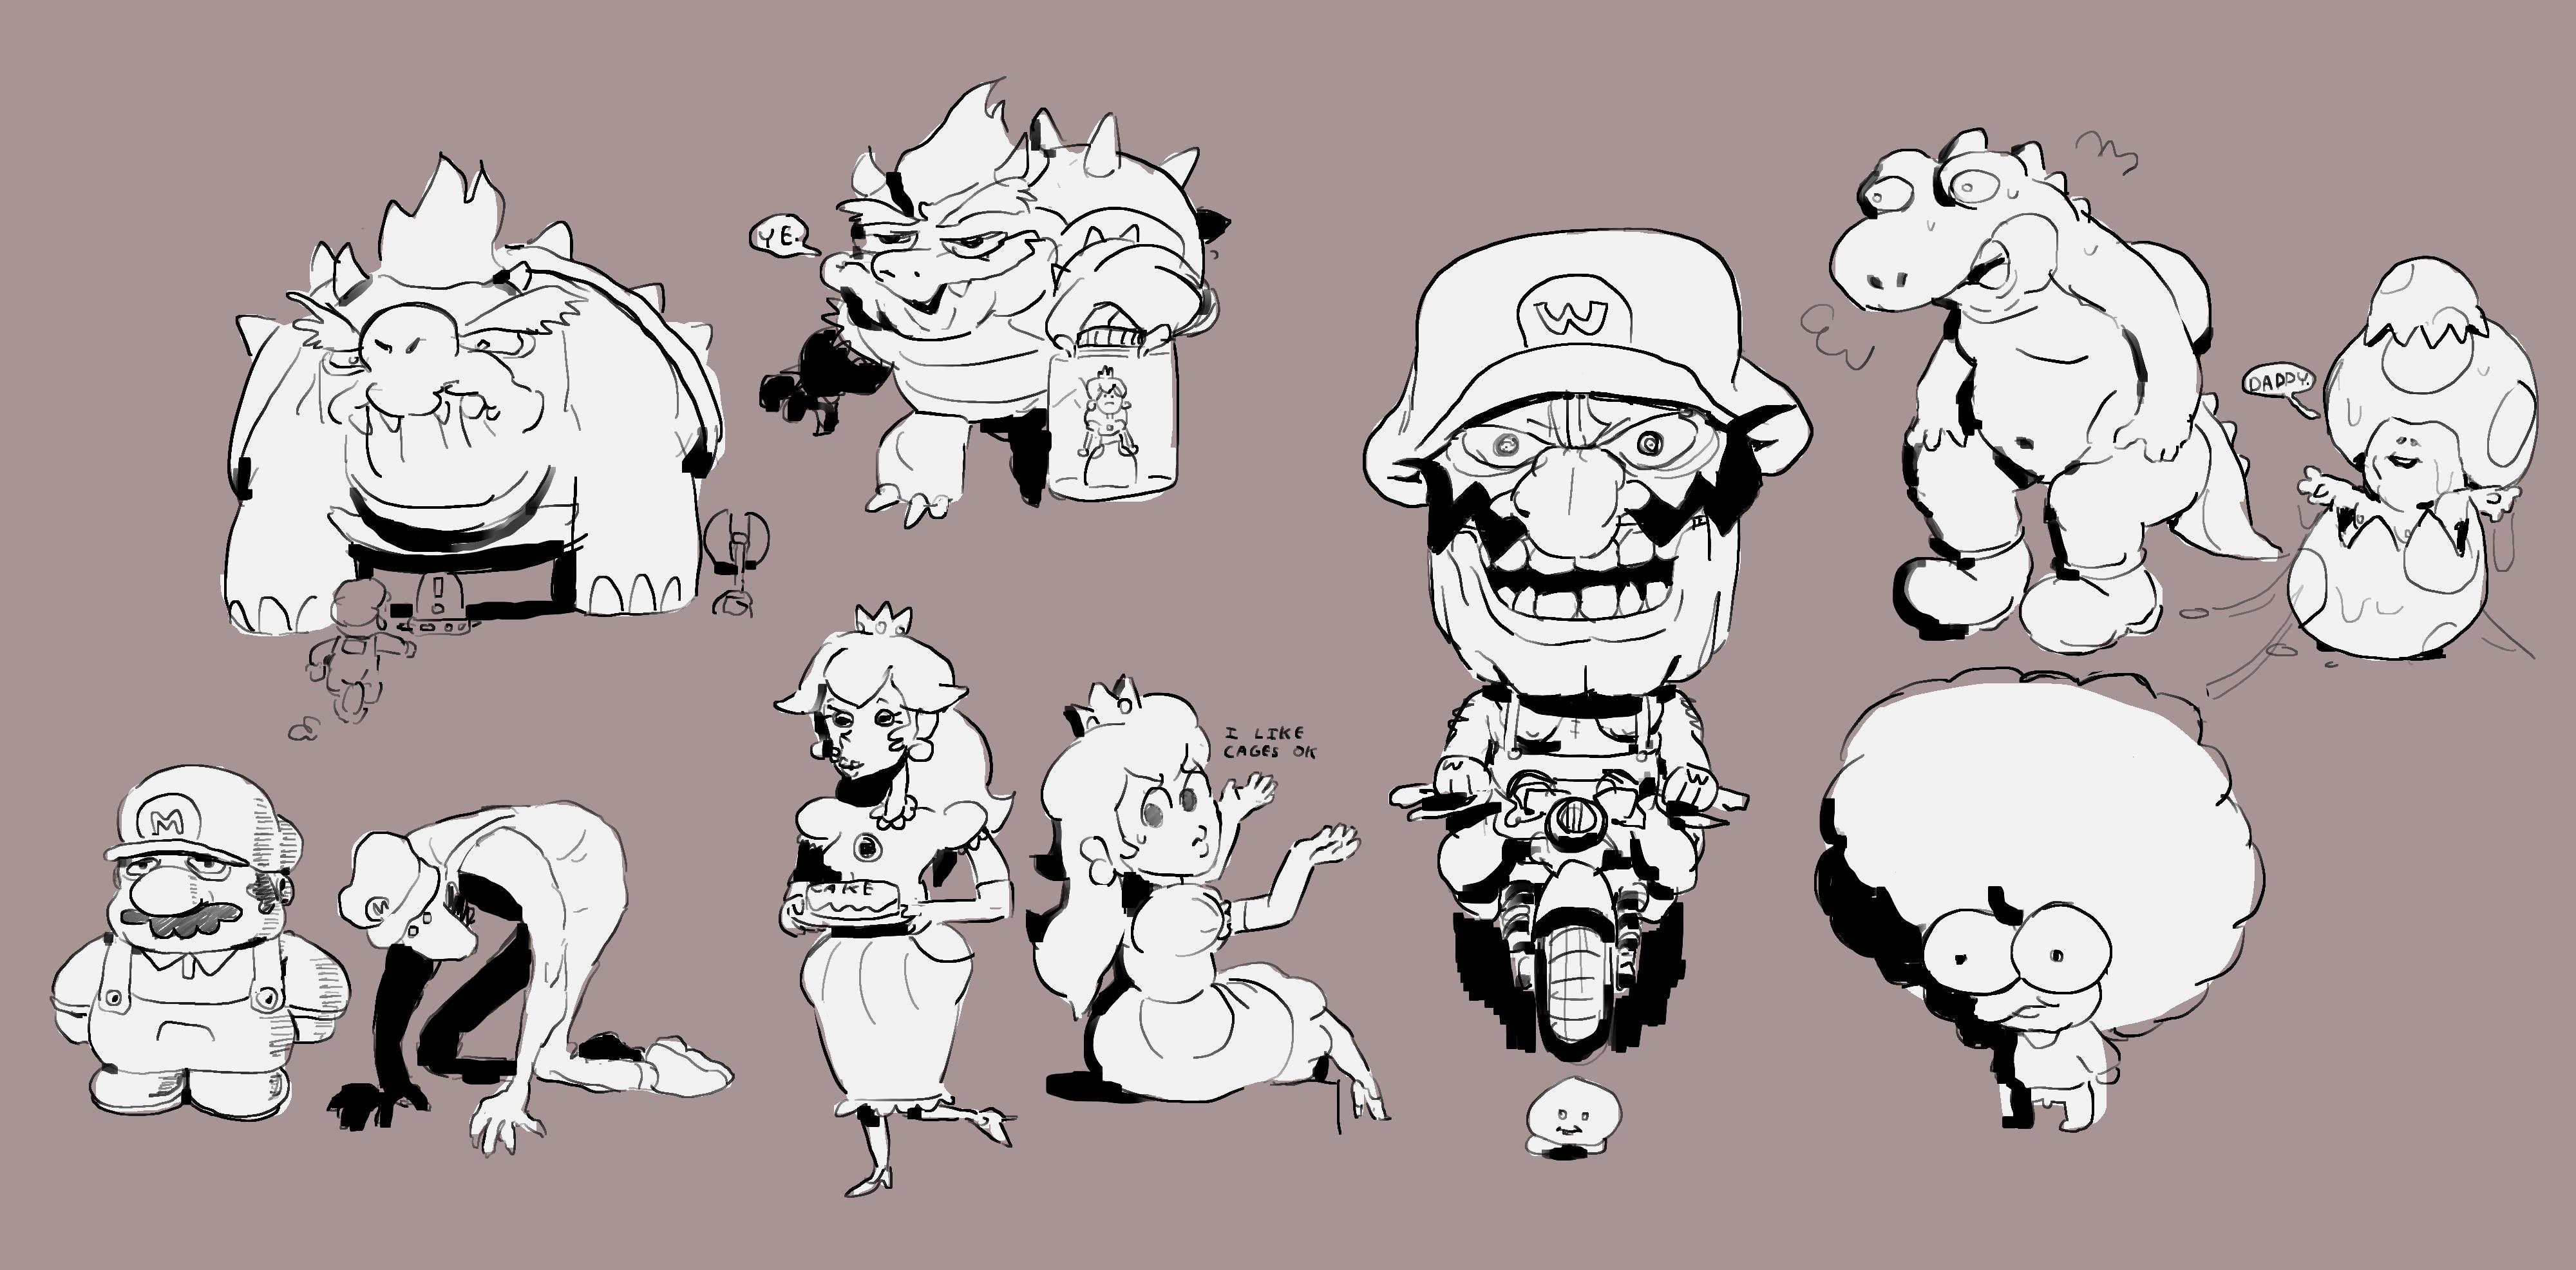 Slightly artistic doodles